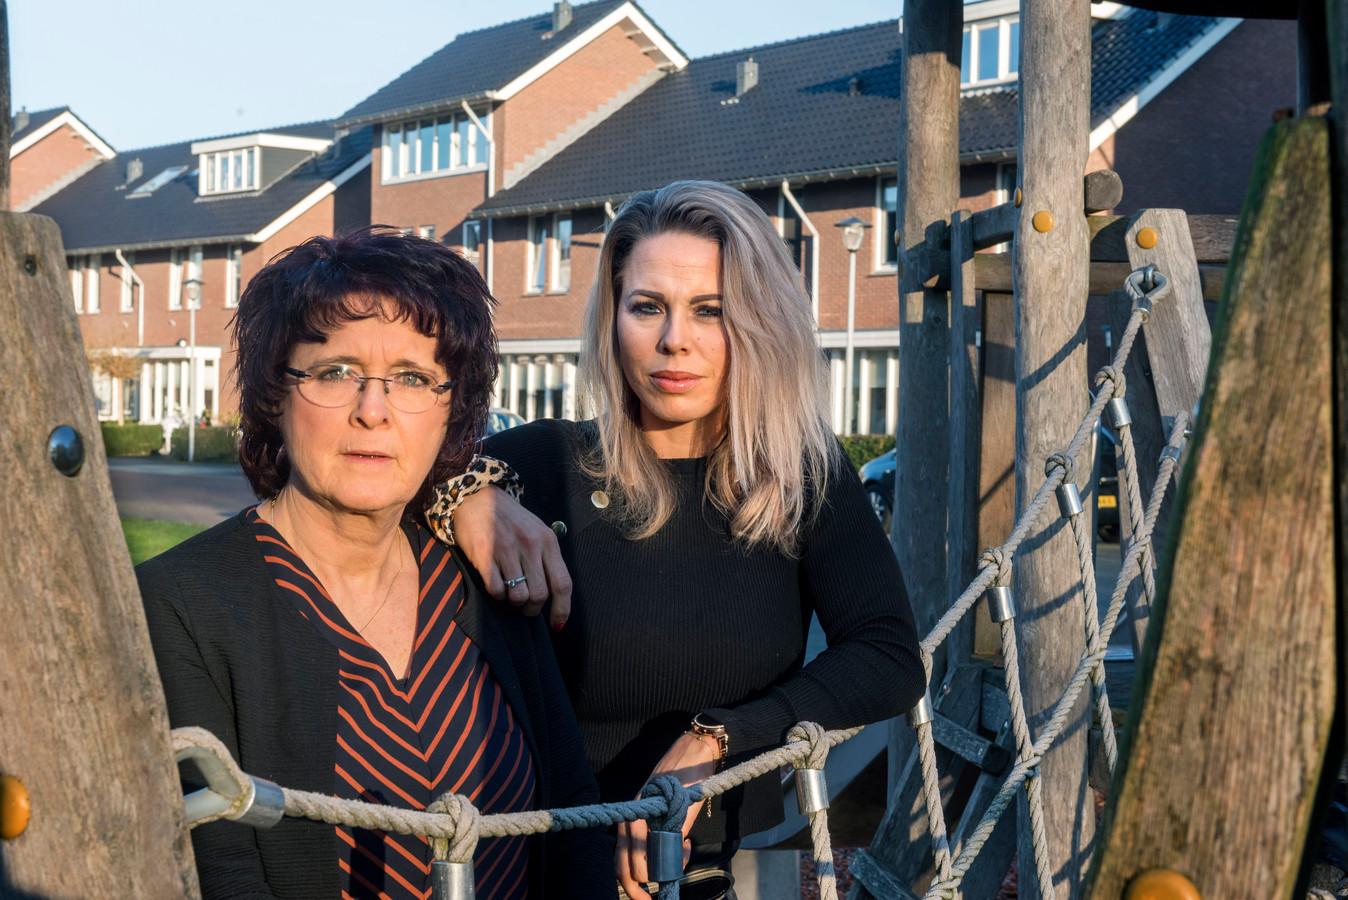 Moeder Reina van Loo en dochter Manon van Nijenhoff hangt een boete van 400 en 350 euro boven het hoofd voor schenden beroepsgeheim respectievelijk laster.